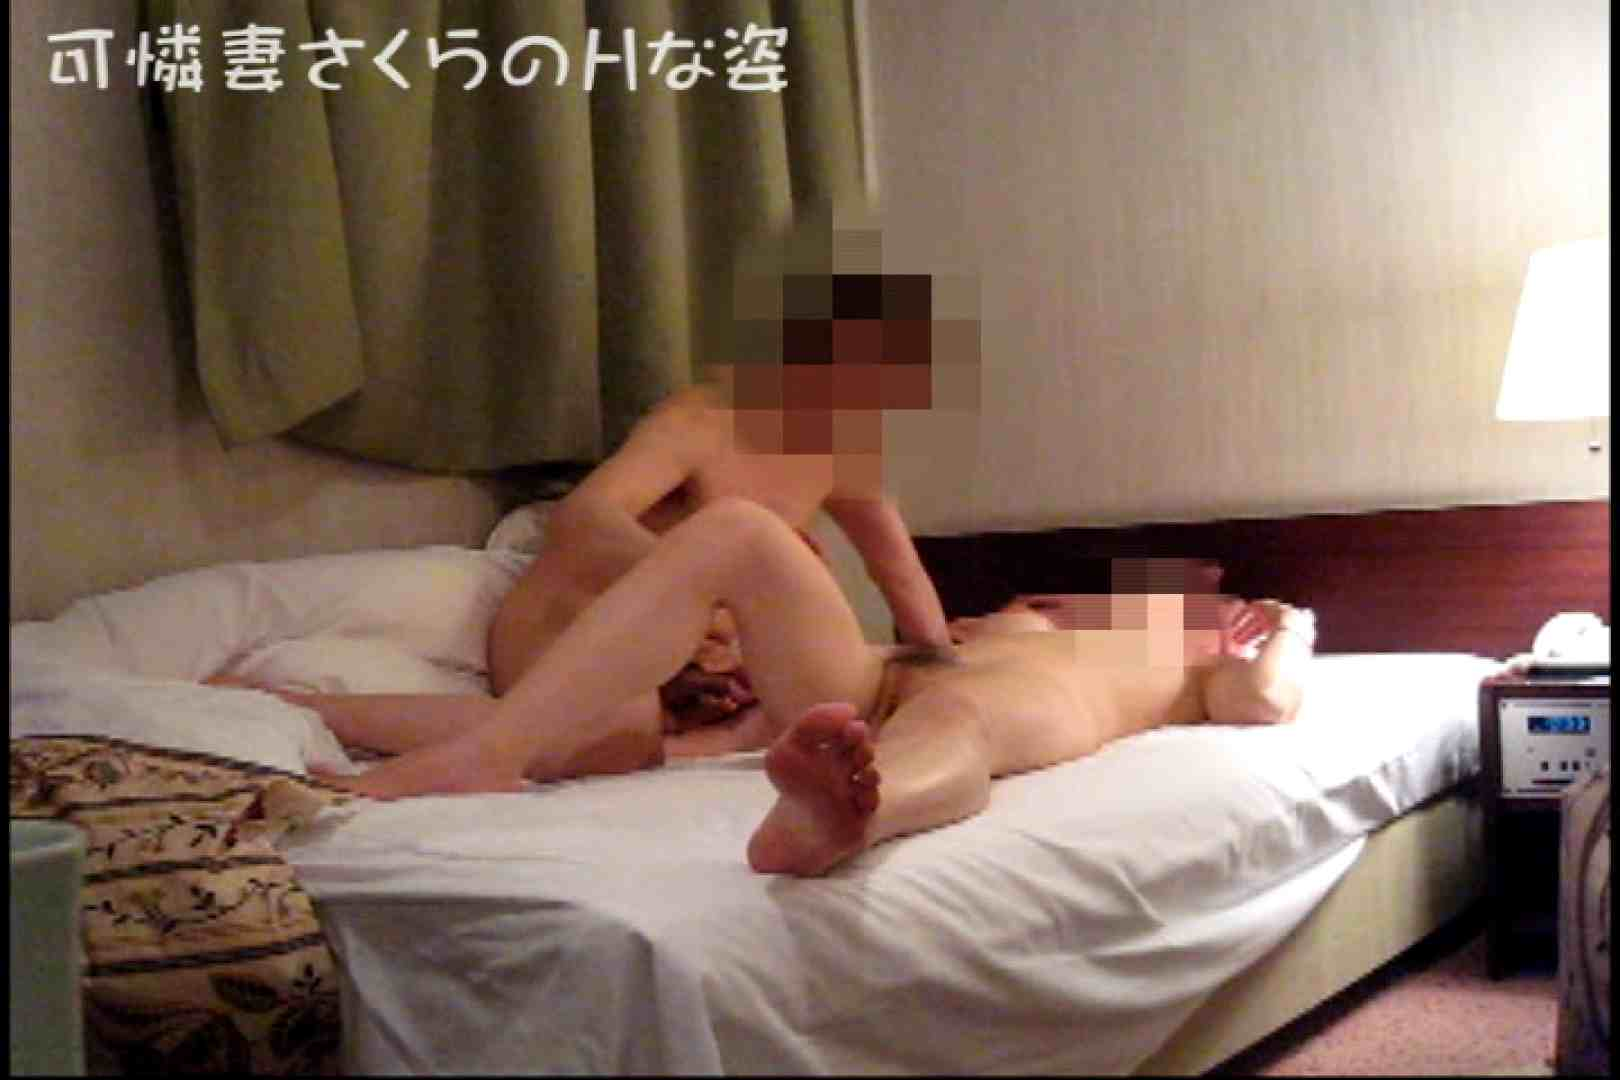 可憐妻さくらのHな姿vol.5前編 ホテル  23連発 11